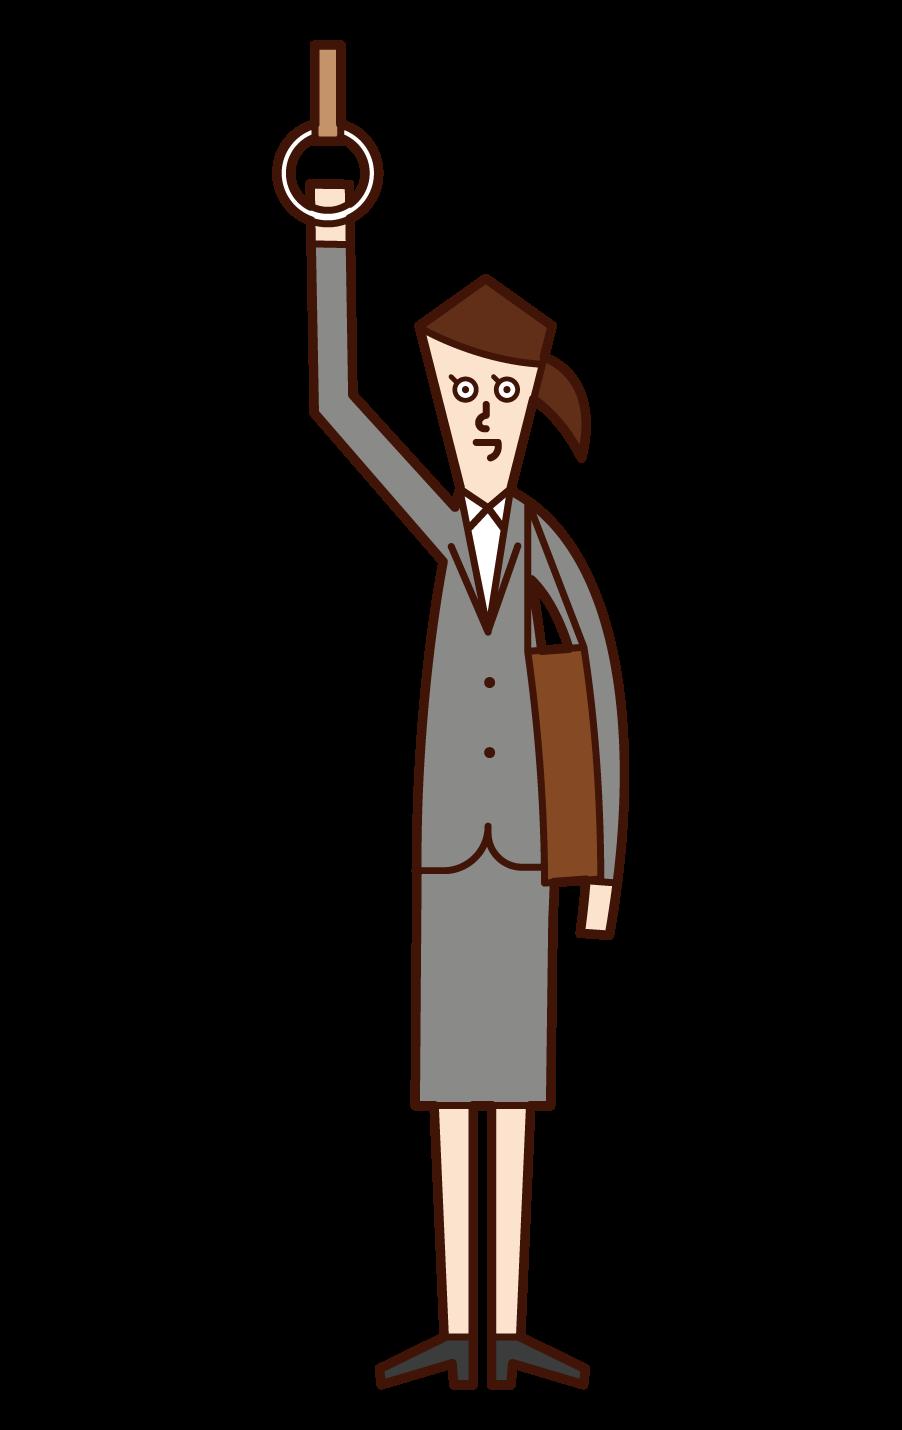 乘火車上班的人(女性)的插圖